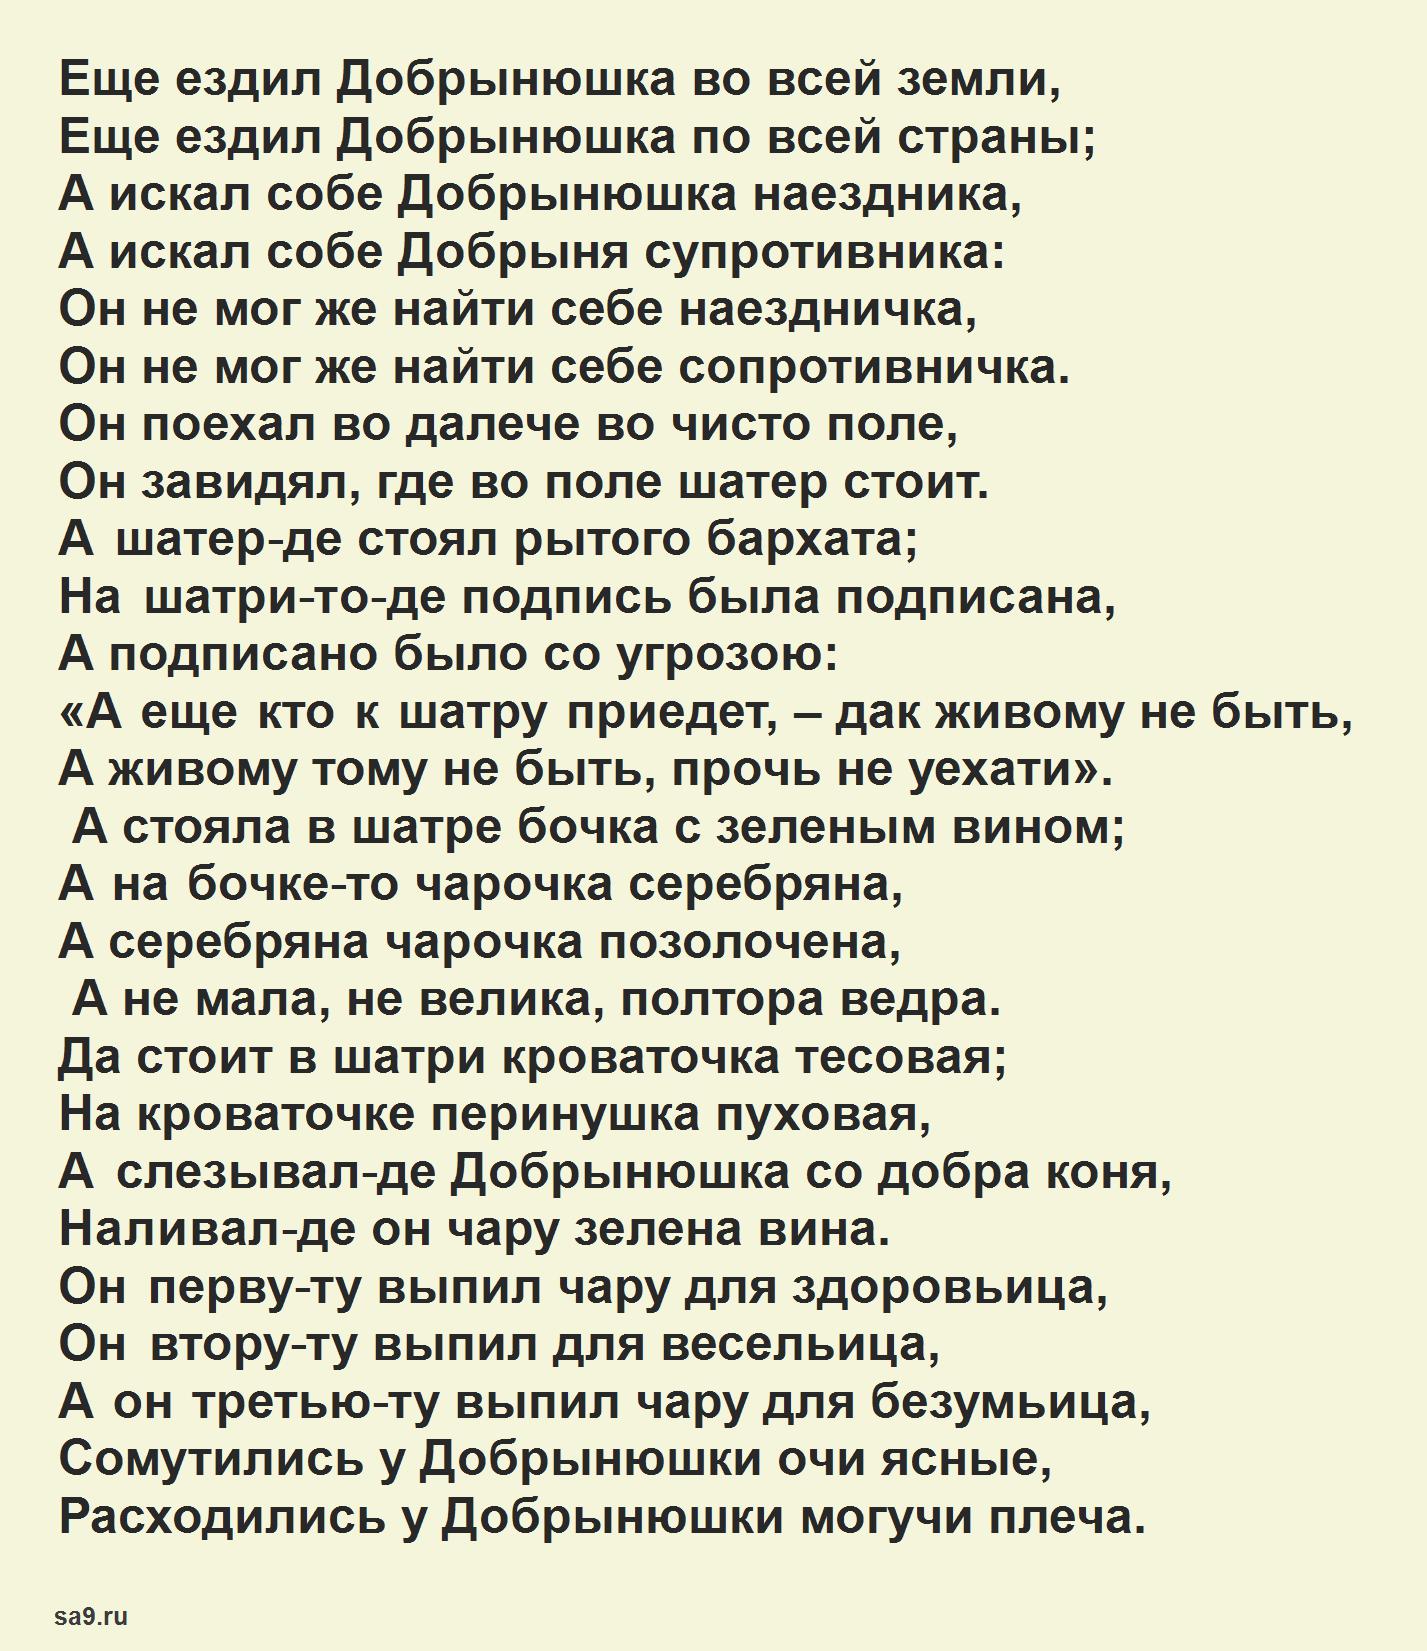 Былина - Бой Добрыни с Дунаем, читать полностью